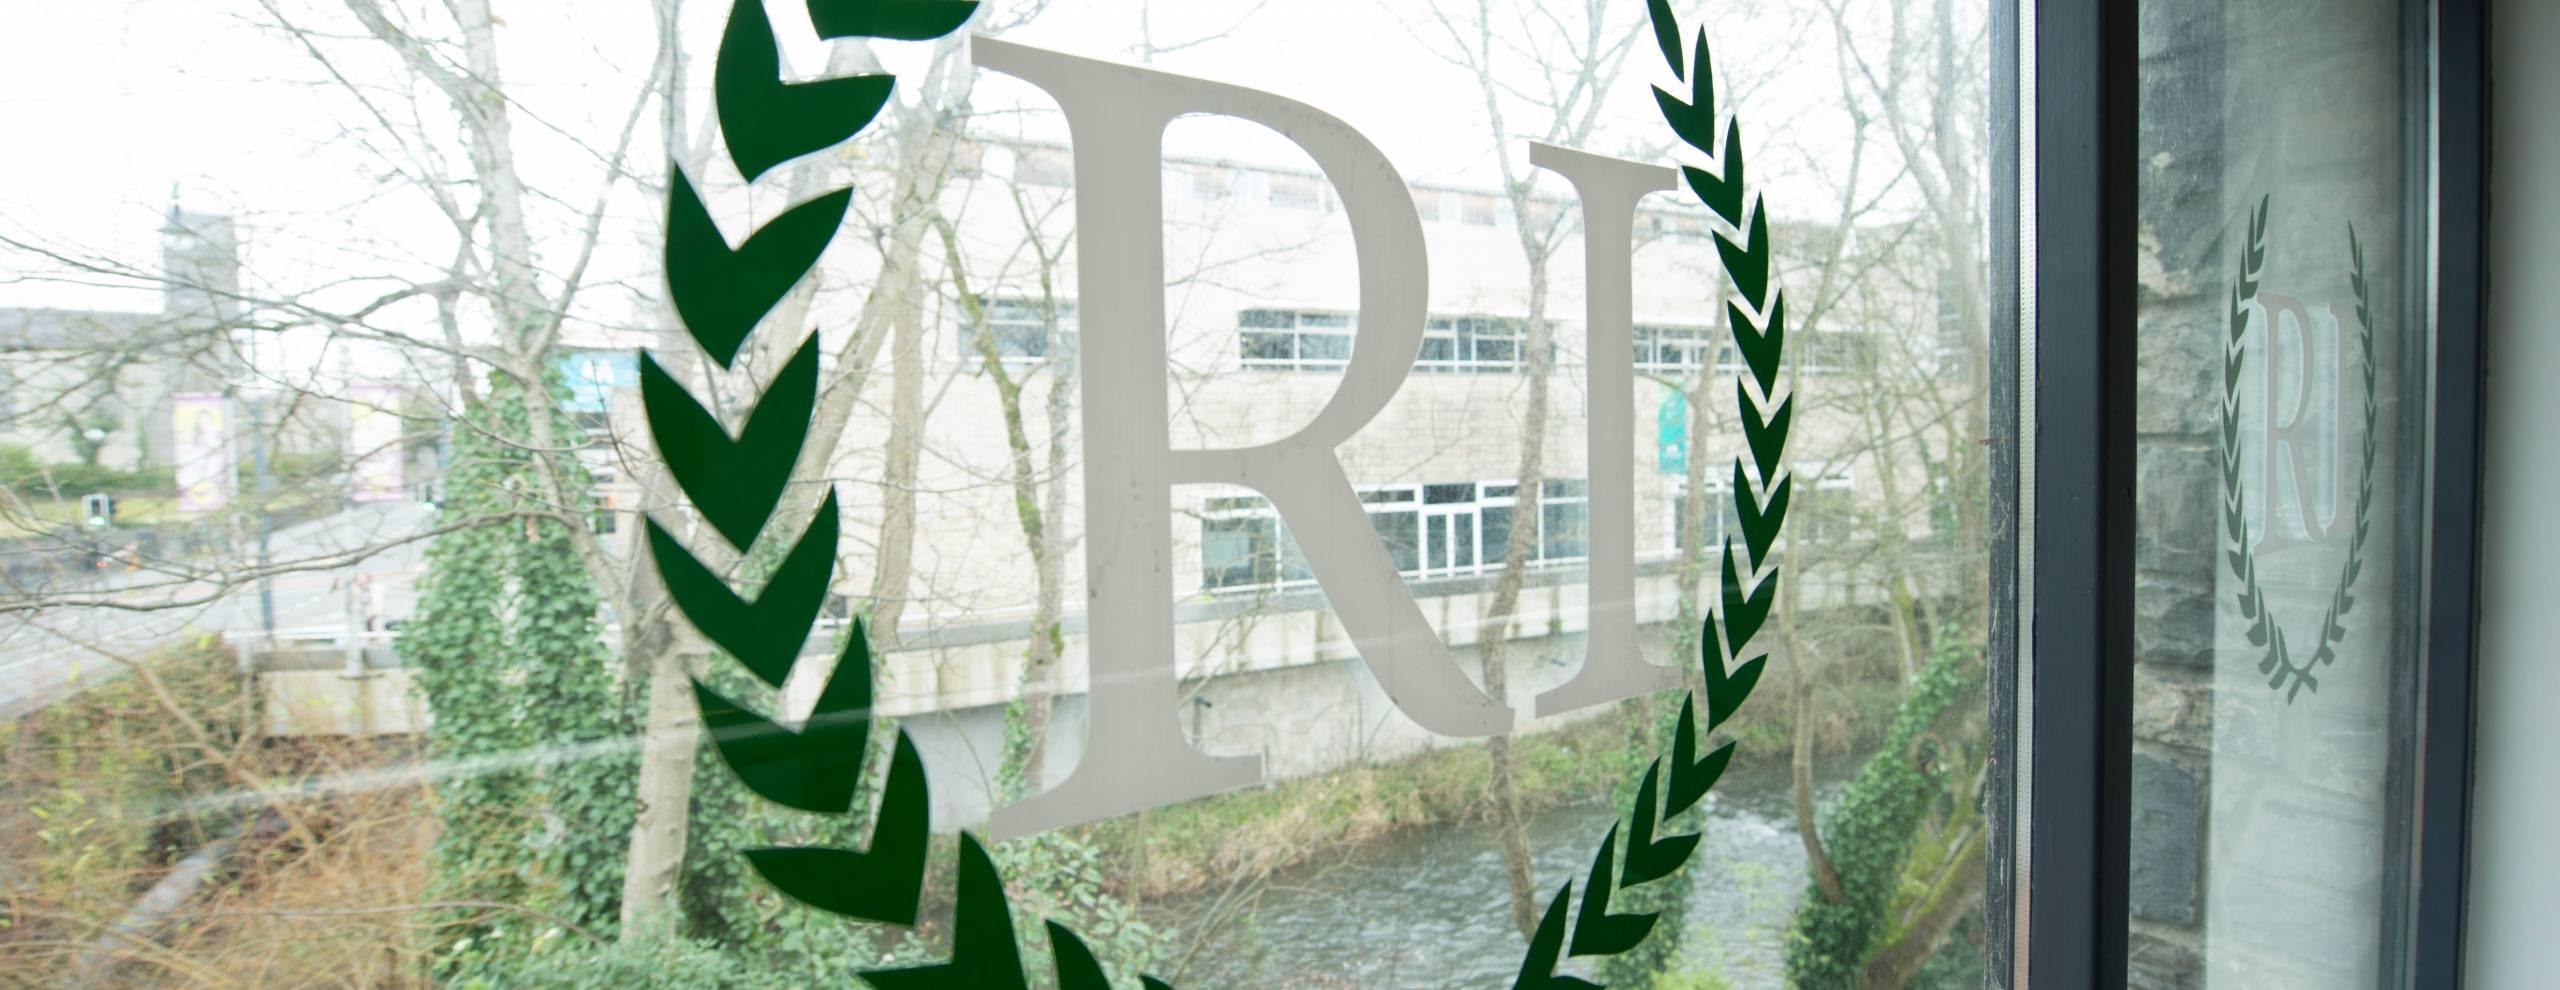 rye-2-scaled-1